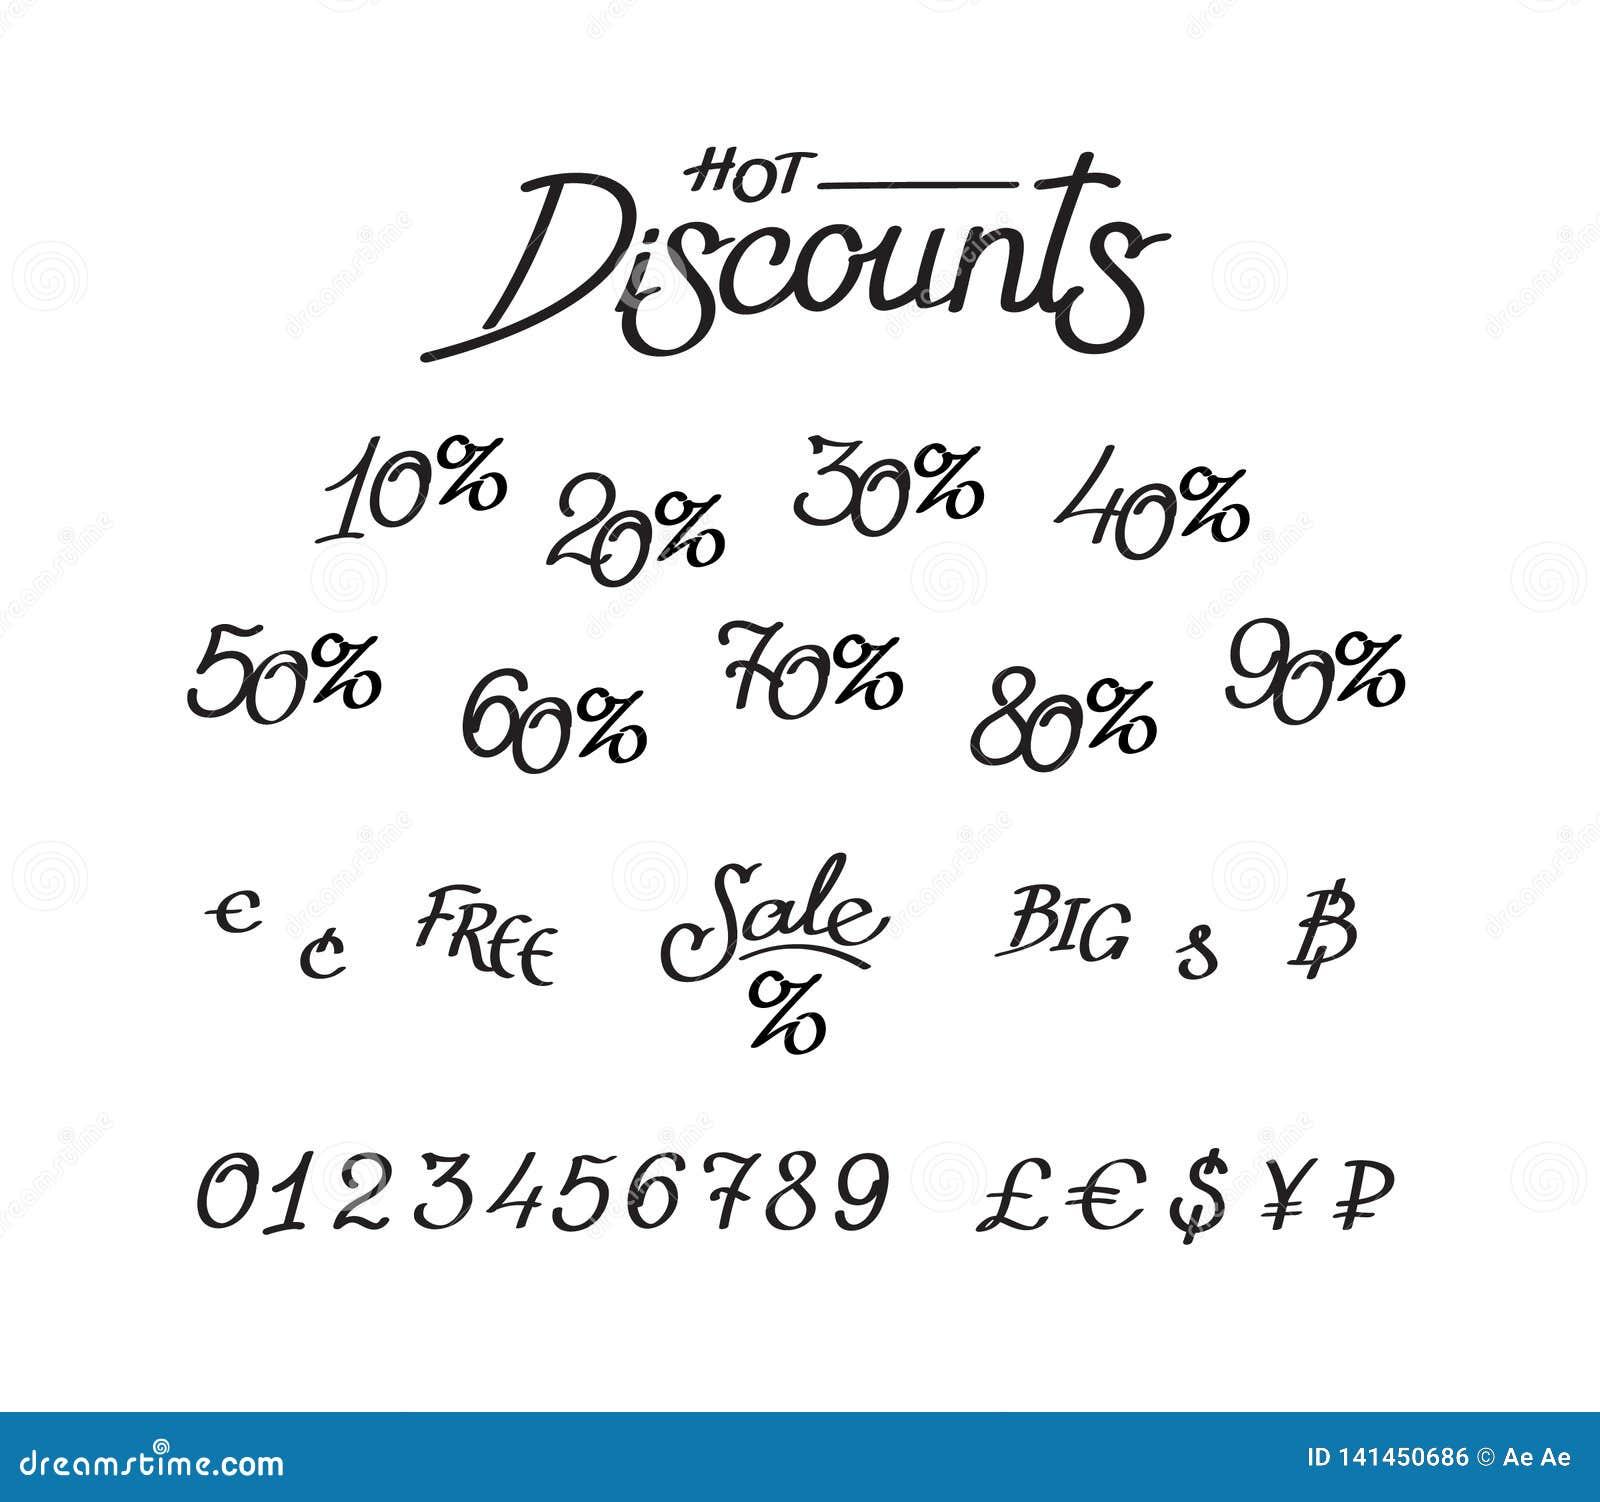 Um grupo de descontos, dígitos, sinais de moeda Rotulação do vetor, caligrafia Uma inscrição para lojas e preços Sinais de moeda